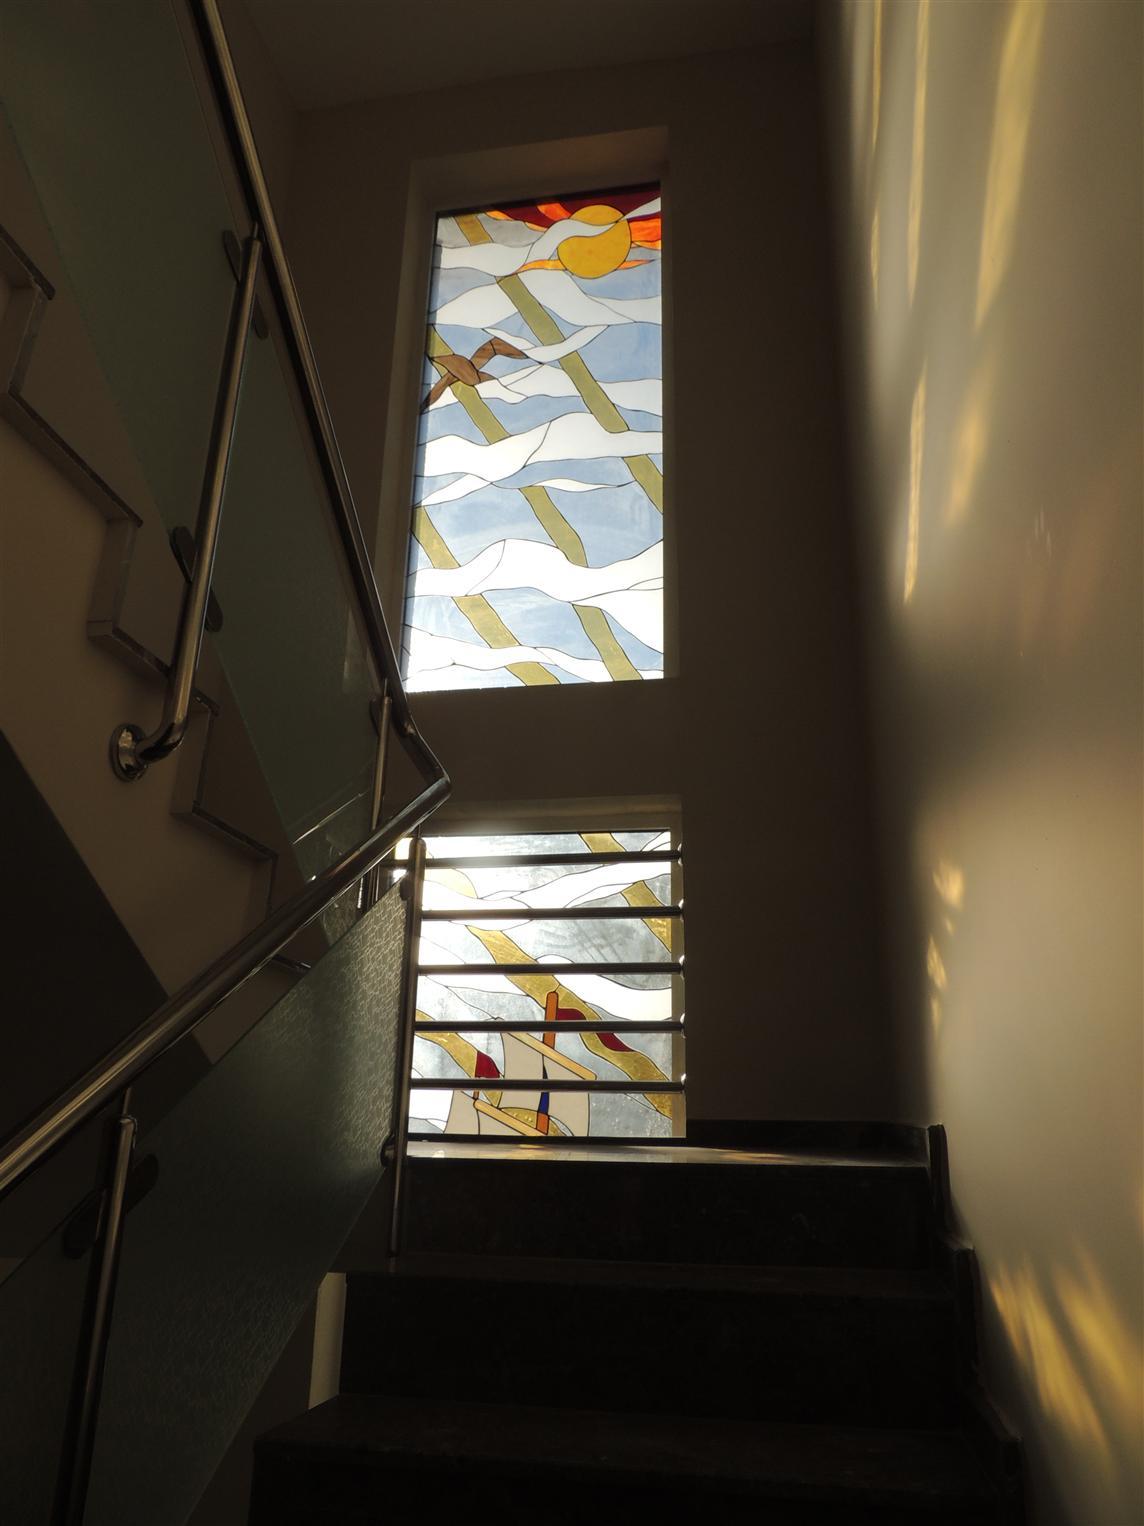 izka-insaat-life-port-evleri2015921165019384.jpg izmir vitray çalışması